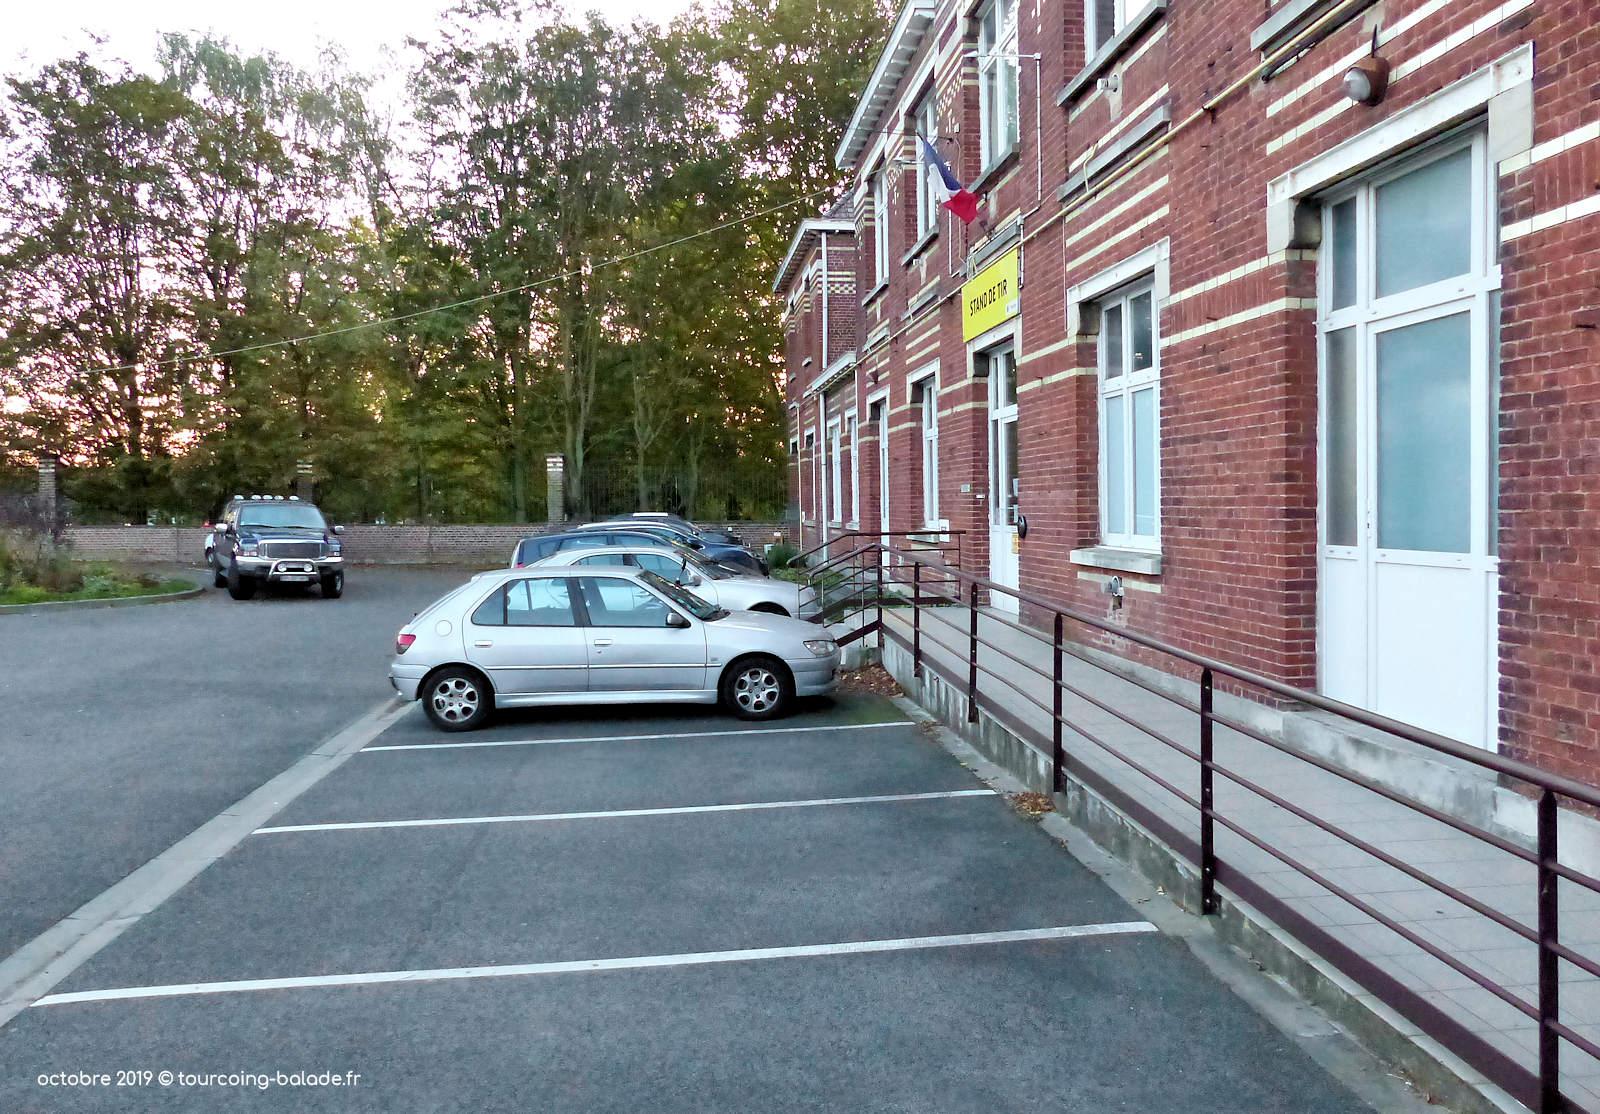 Stand de Tir, Tourcoing - Parking intérieur.